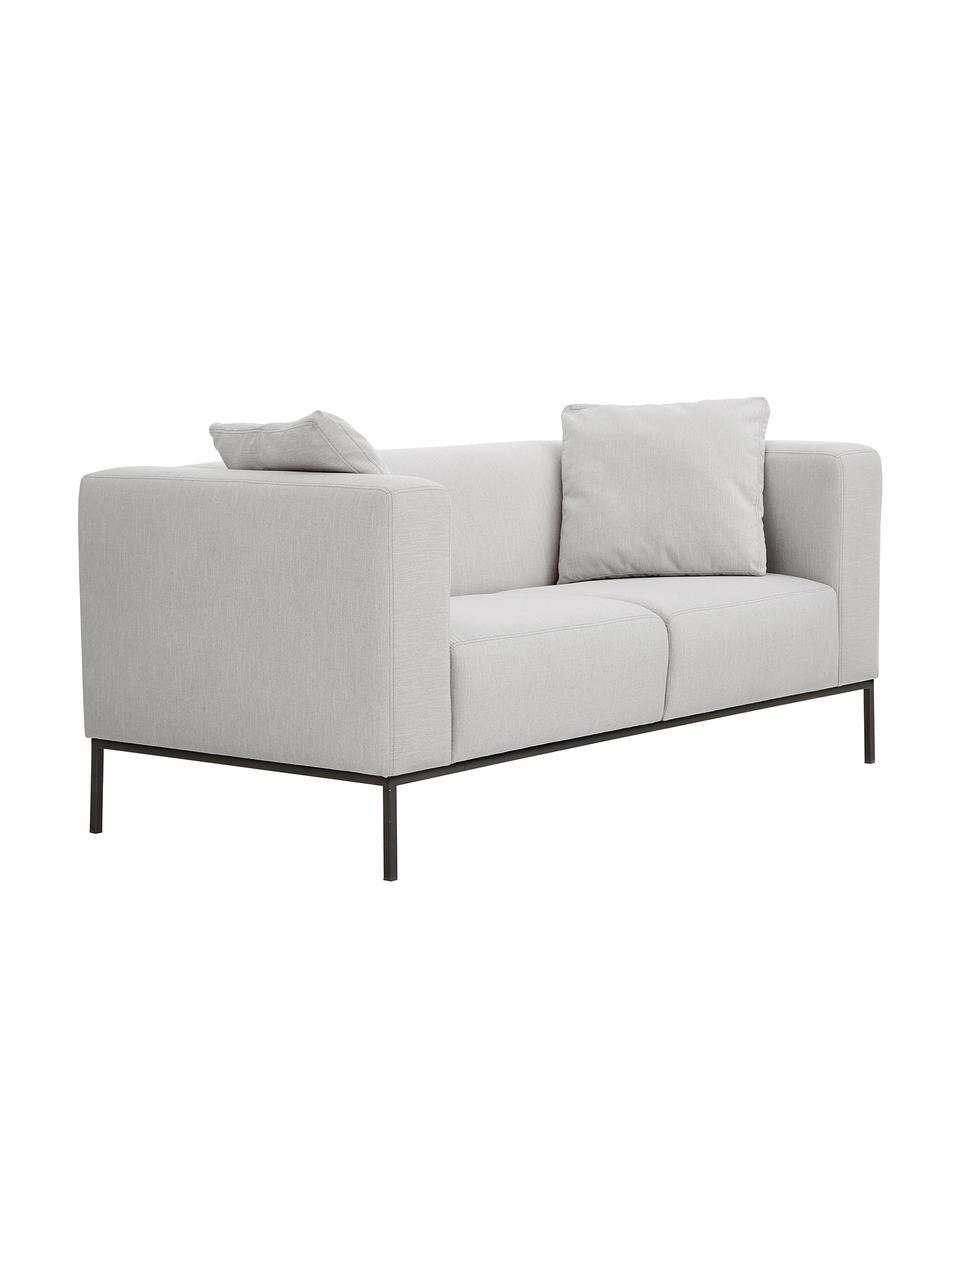 Sofa z metalowymi nogami Carrie (2-osobowa), Tapicerka: poliester 50 000 cykli w , Tapicerka: wyściółka z pianki na zaw, Nogi: metal lakierowany, Szary, S 176 x G 86 cm